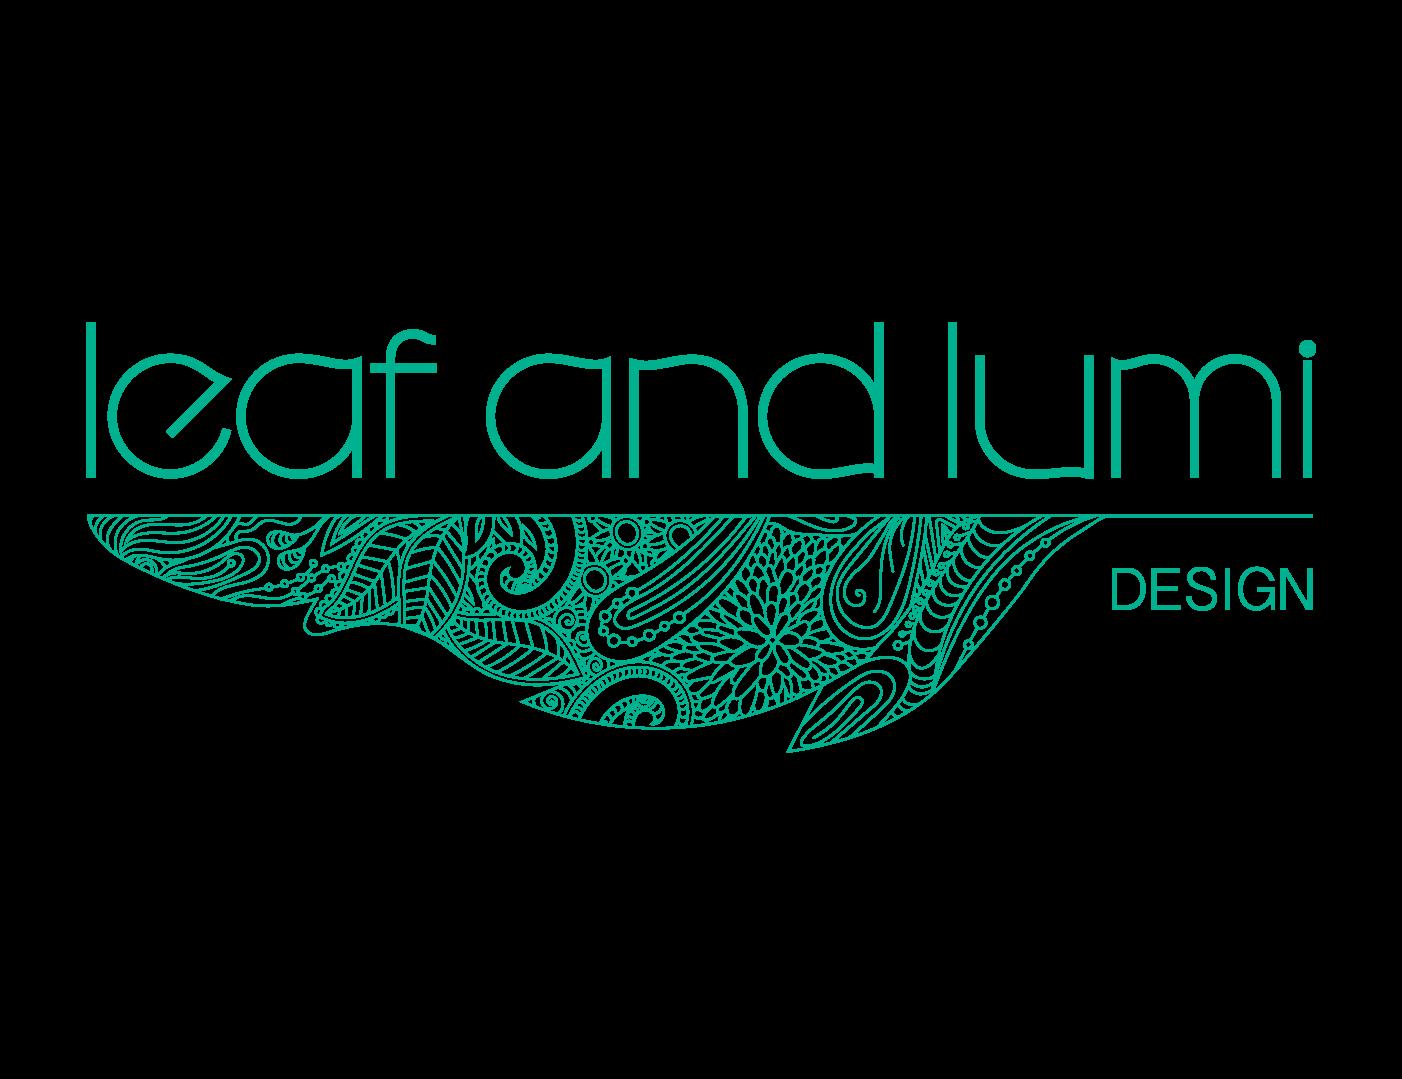 Leaf and Lumi Design